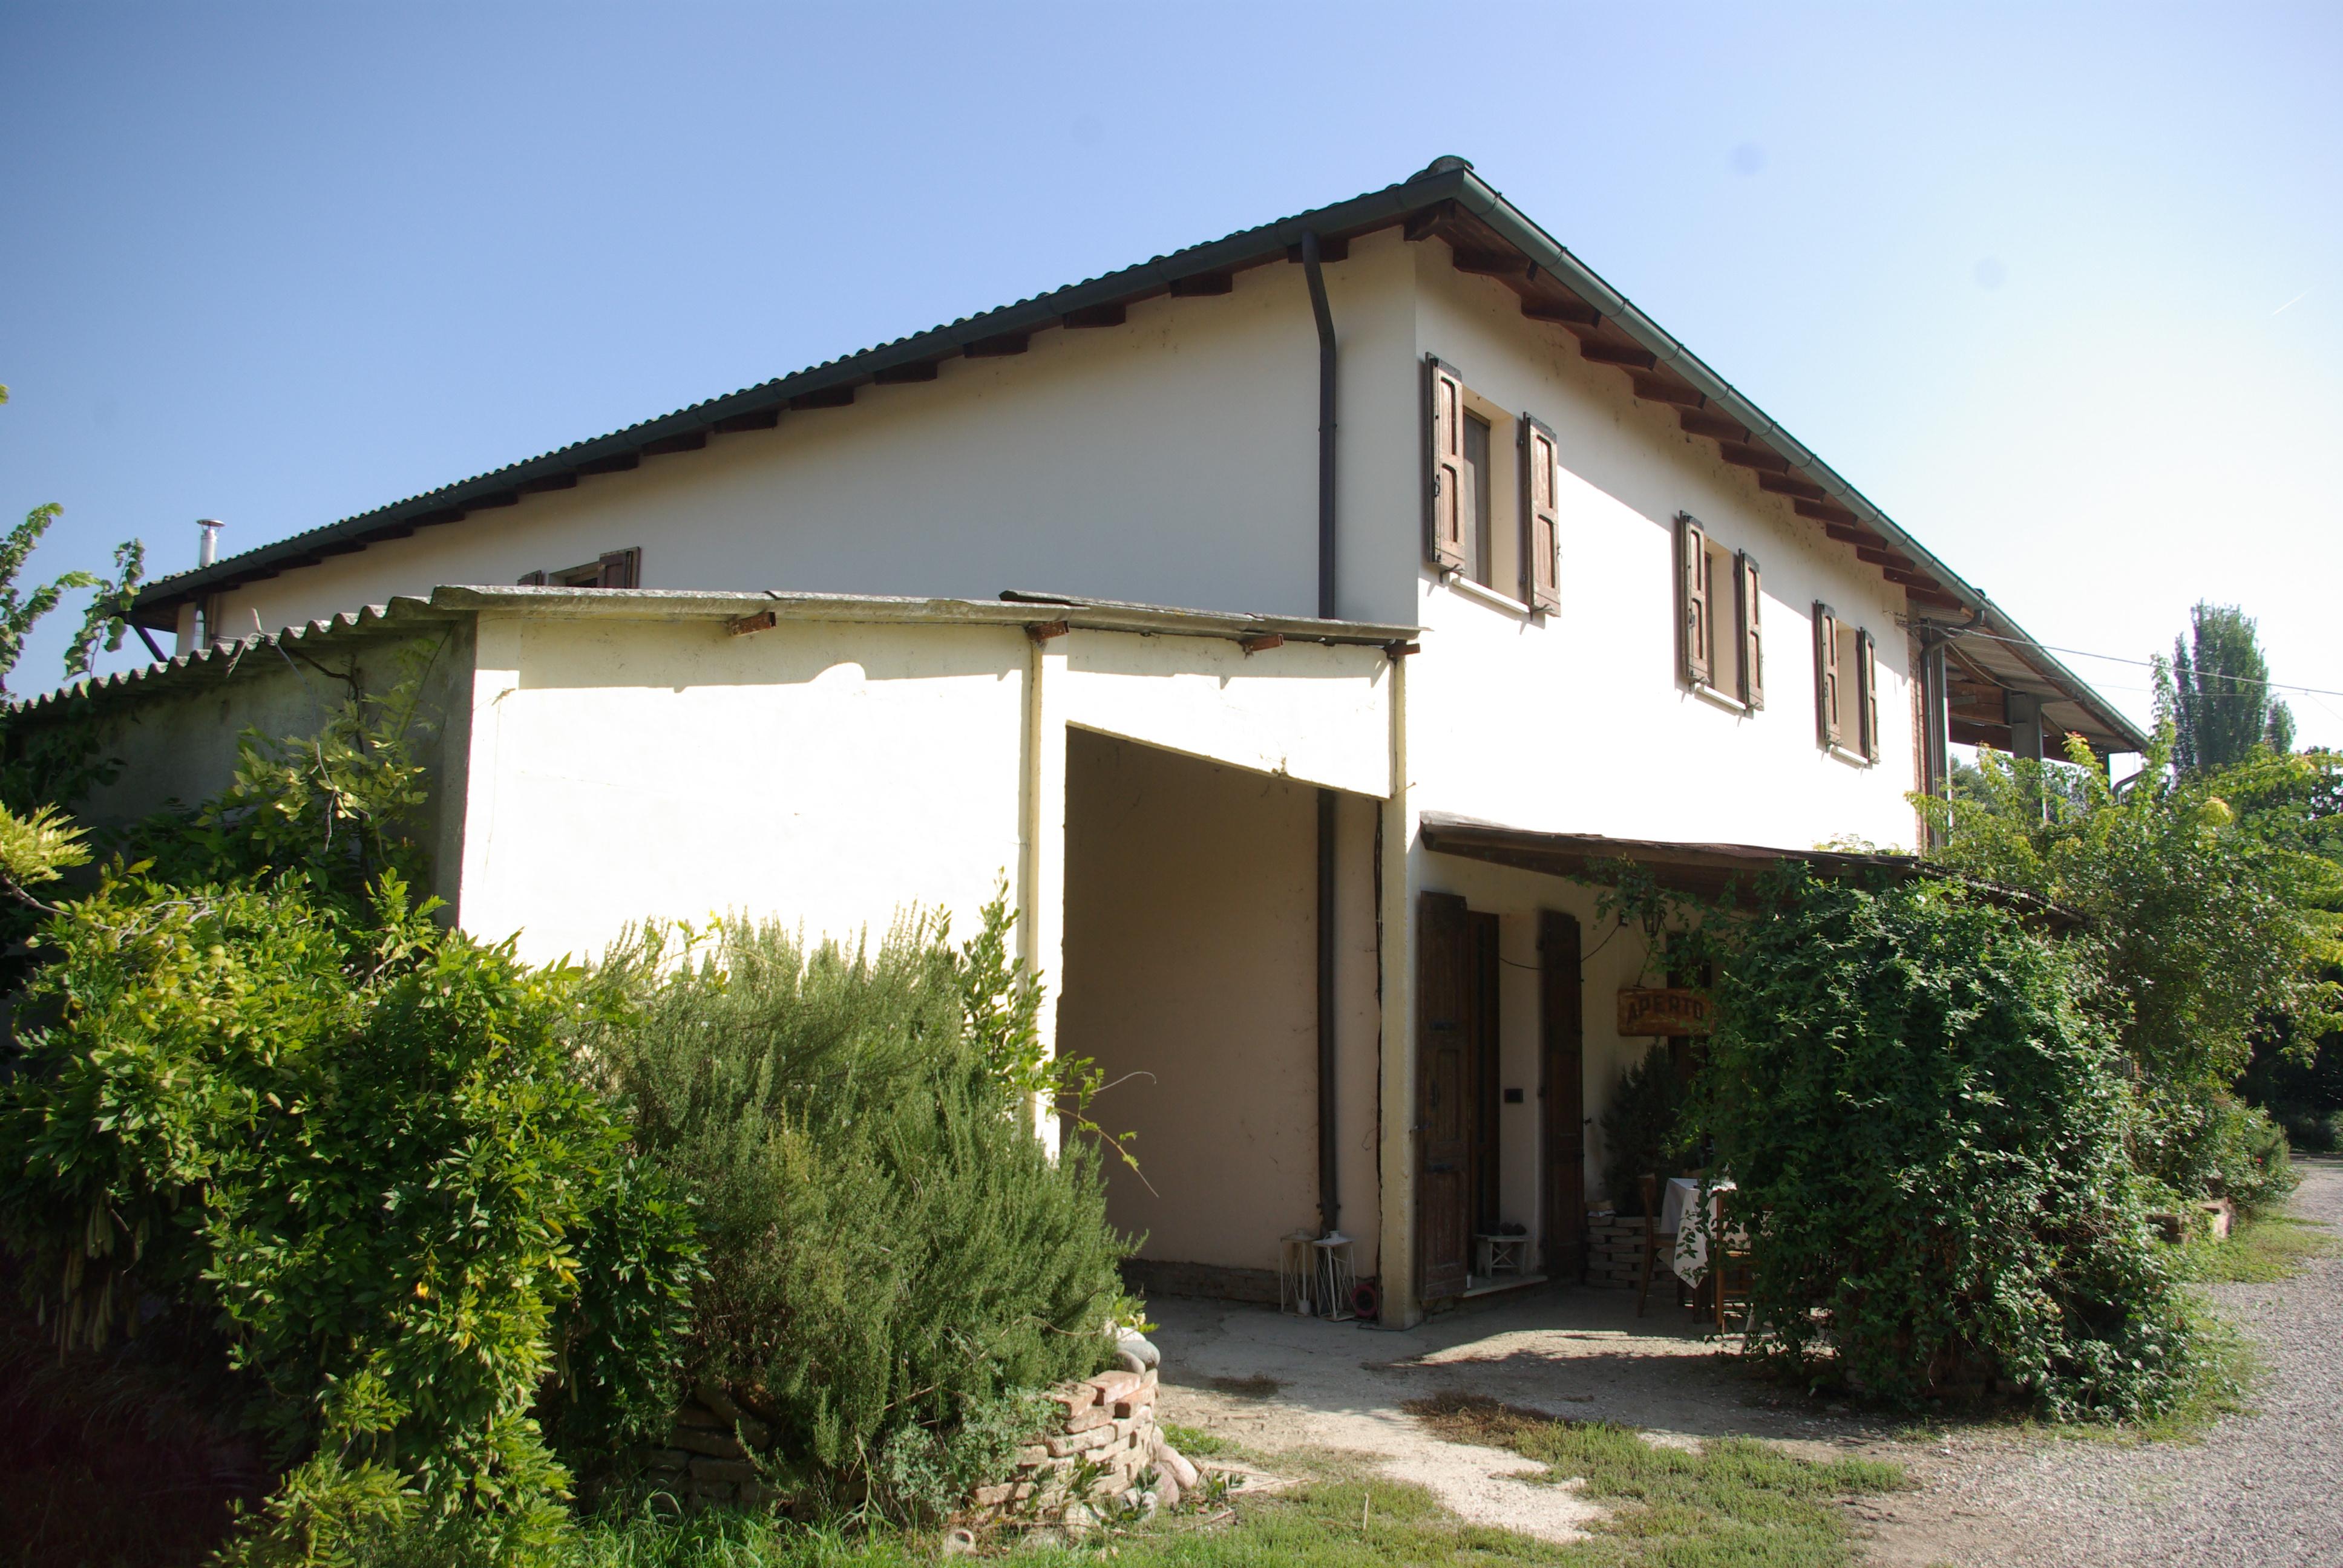 IMGP2698